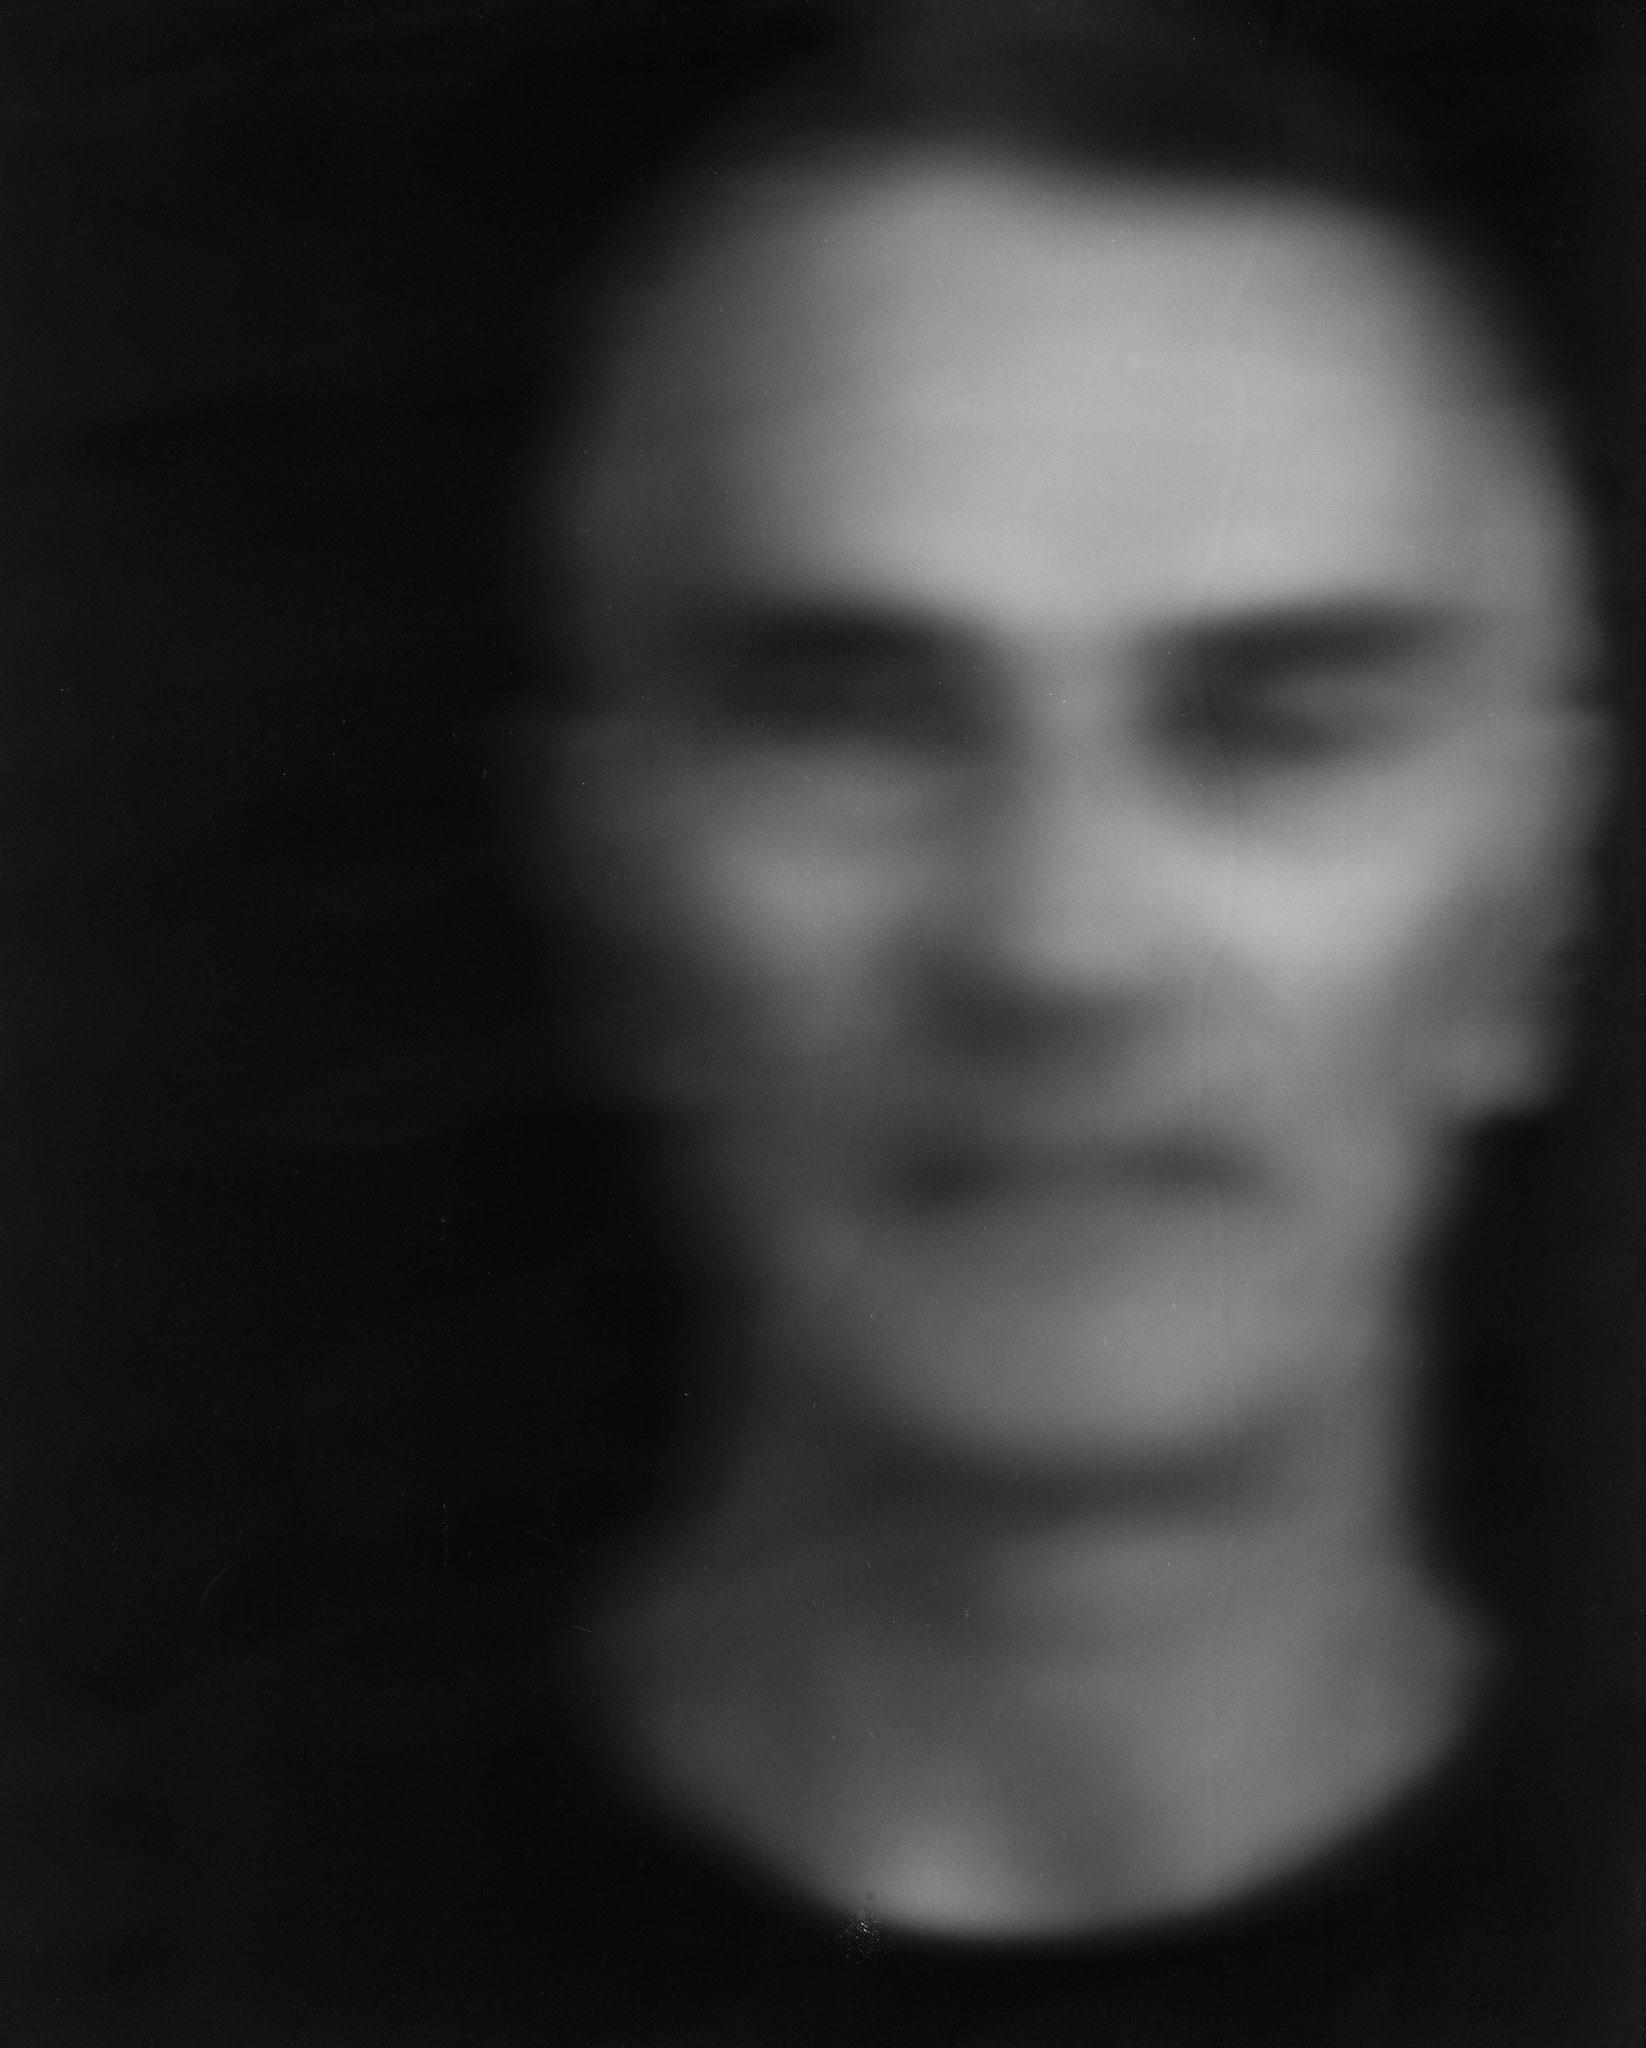 Ralph, Langzeitbelichtung von über 40 Minuten,  2014  belichtet auf 8 x 10inch Negativmaterial, Pigmentdruck auf Büttenpapier, Grösse variabel